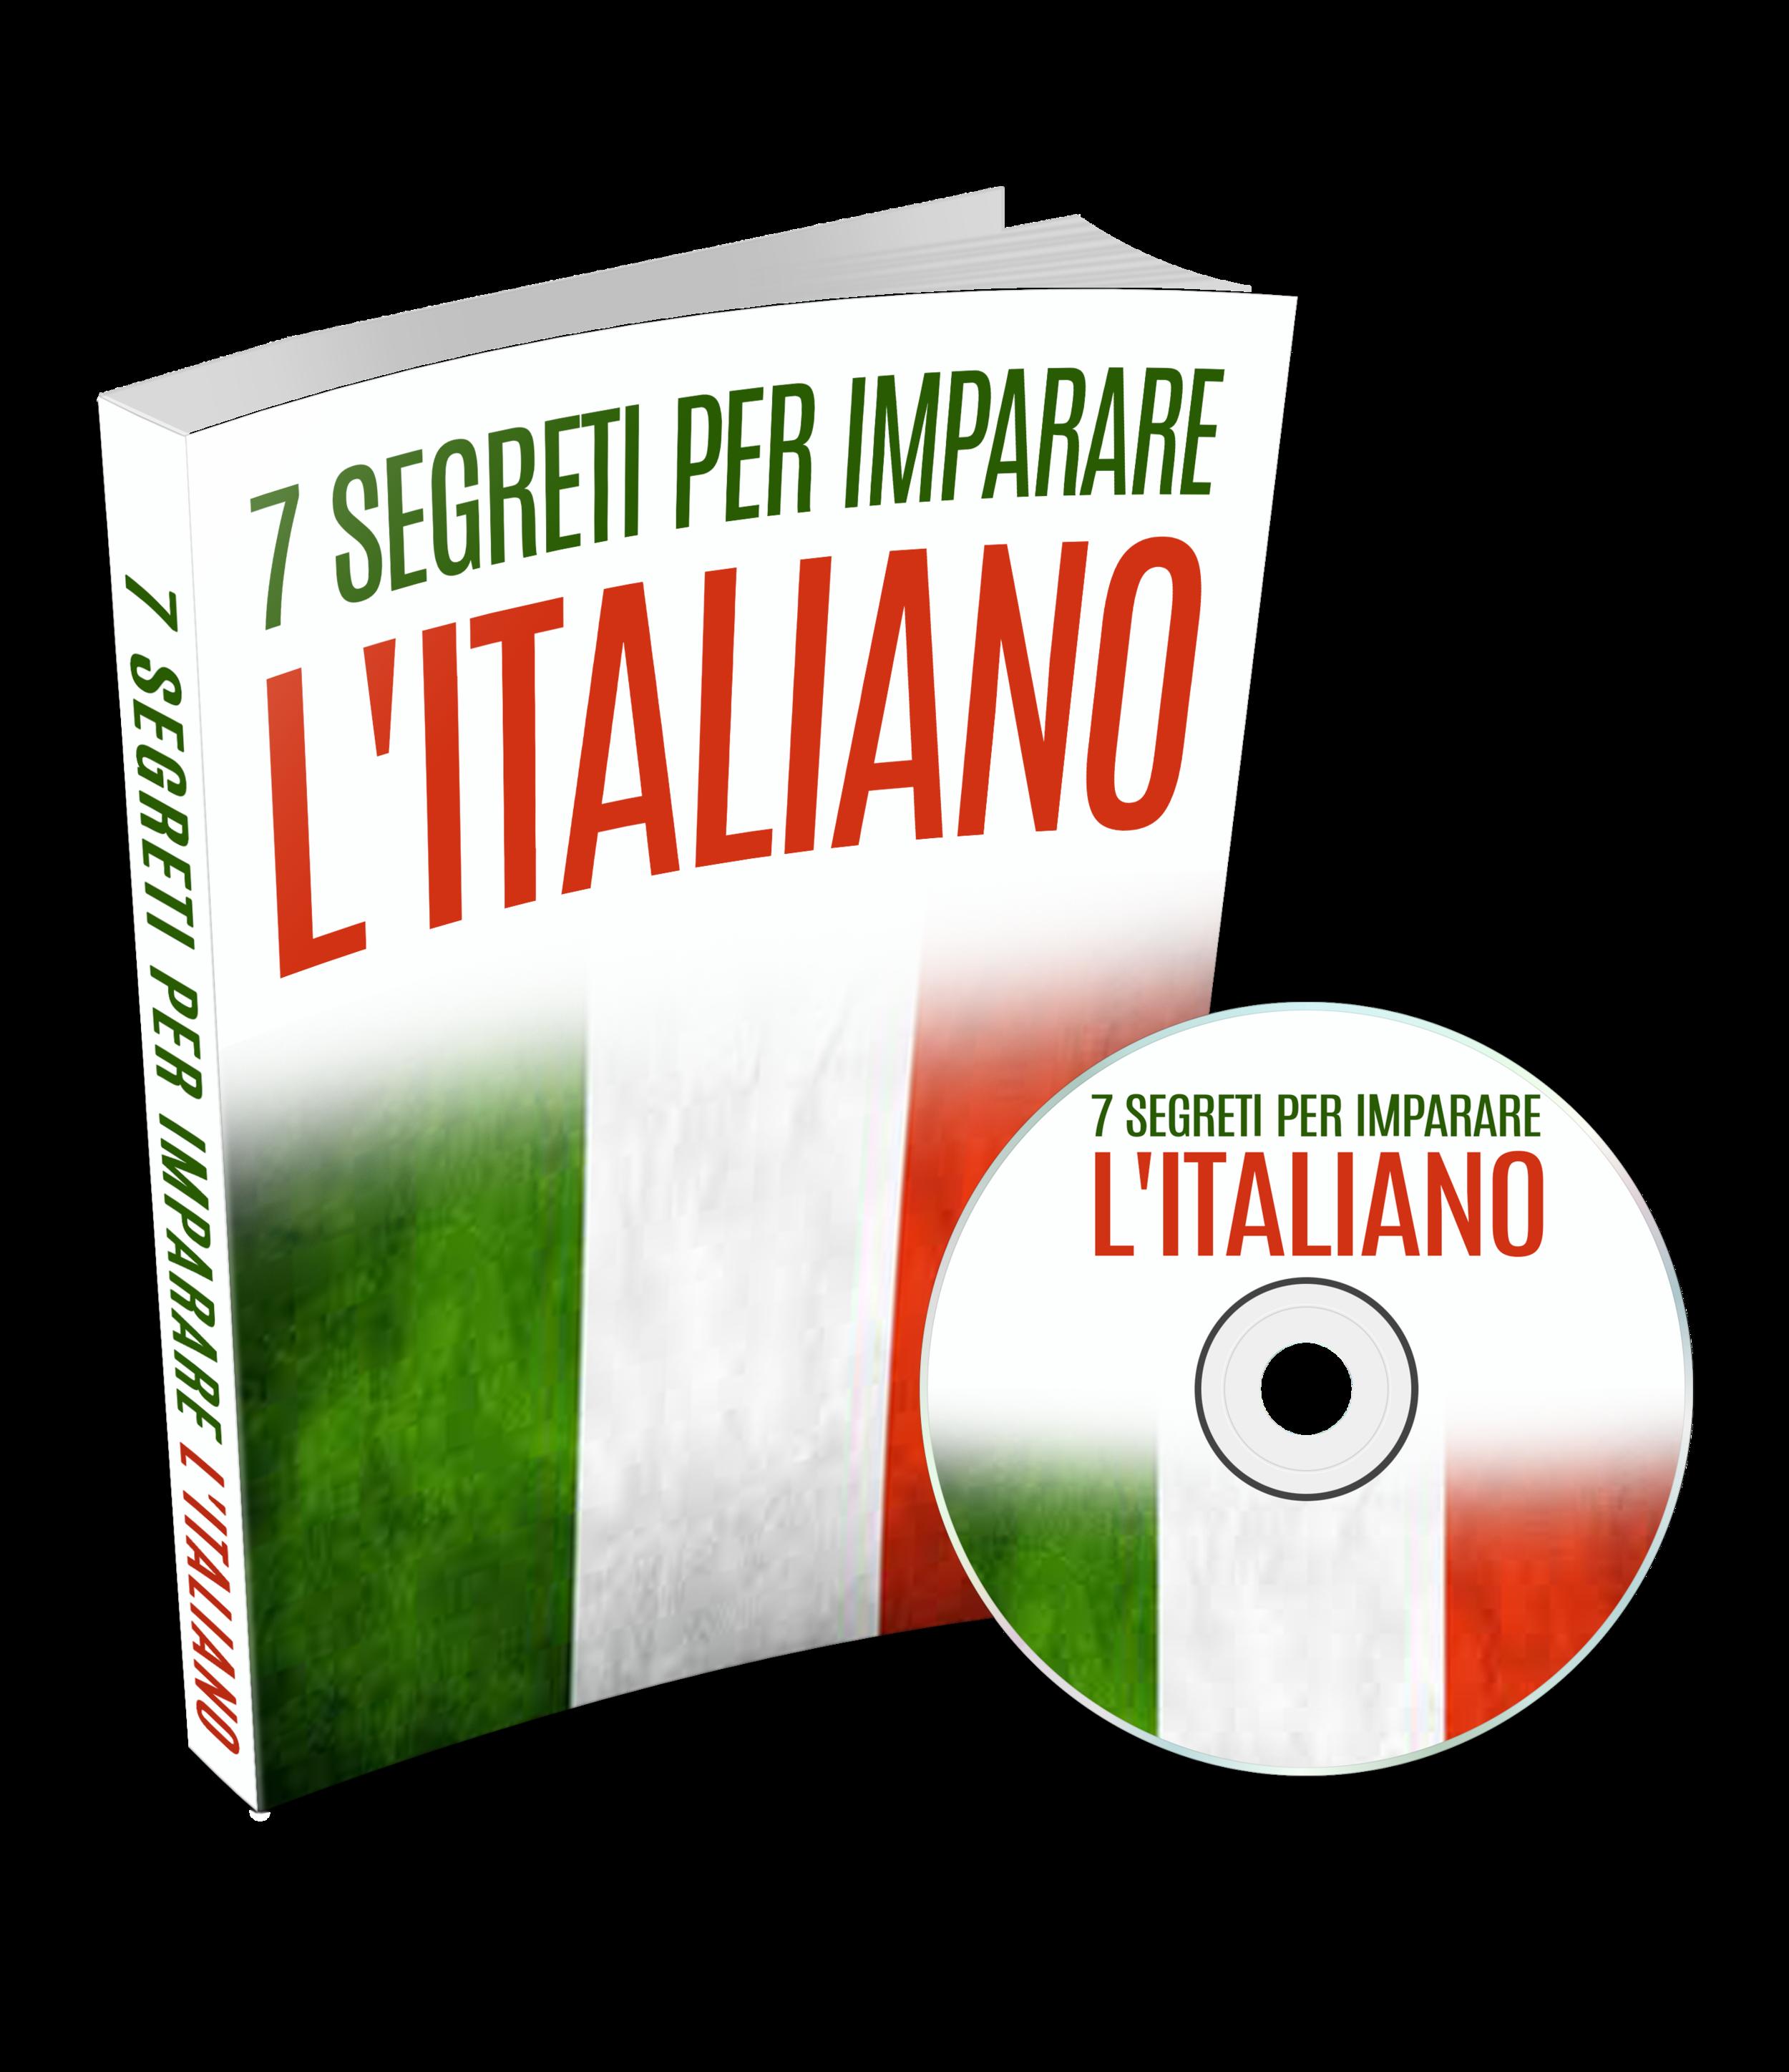 7 segreti per imparare l'italiano - Voglio aumentare il mio vocabolario e la mia comprensione in Italiano: